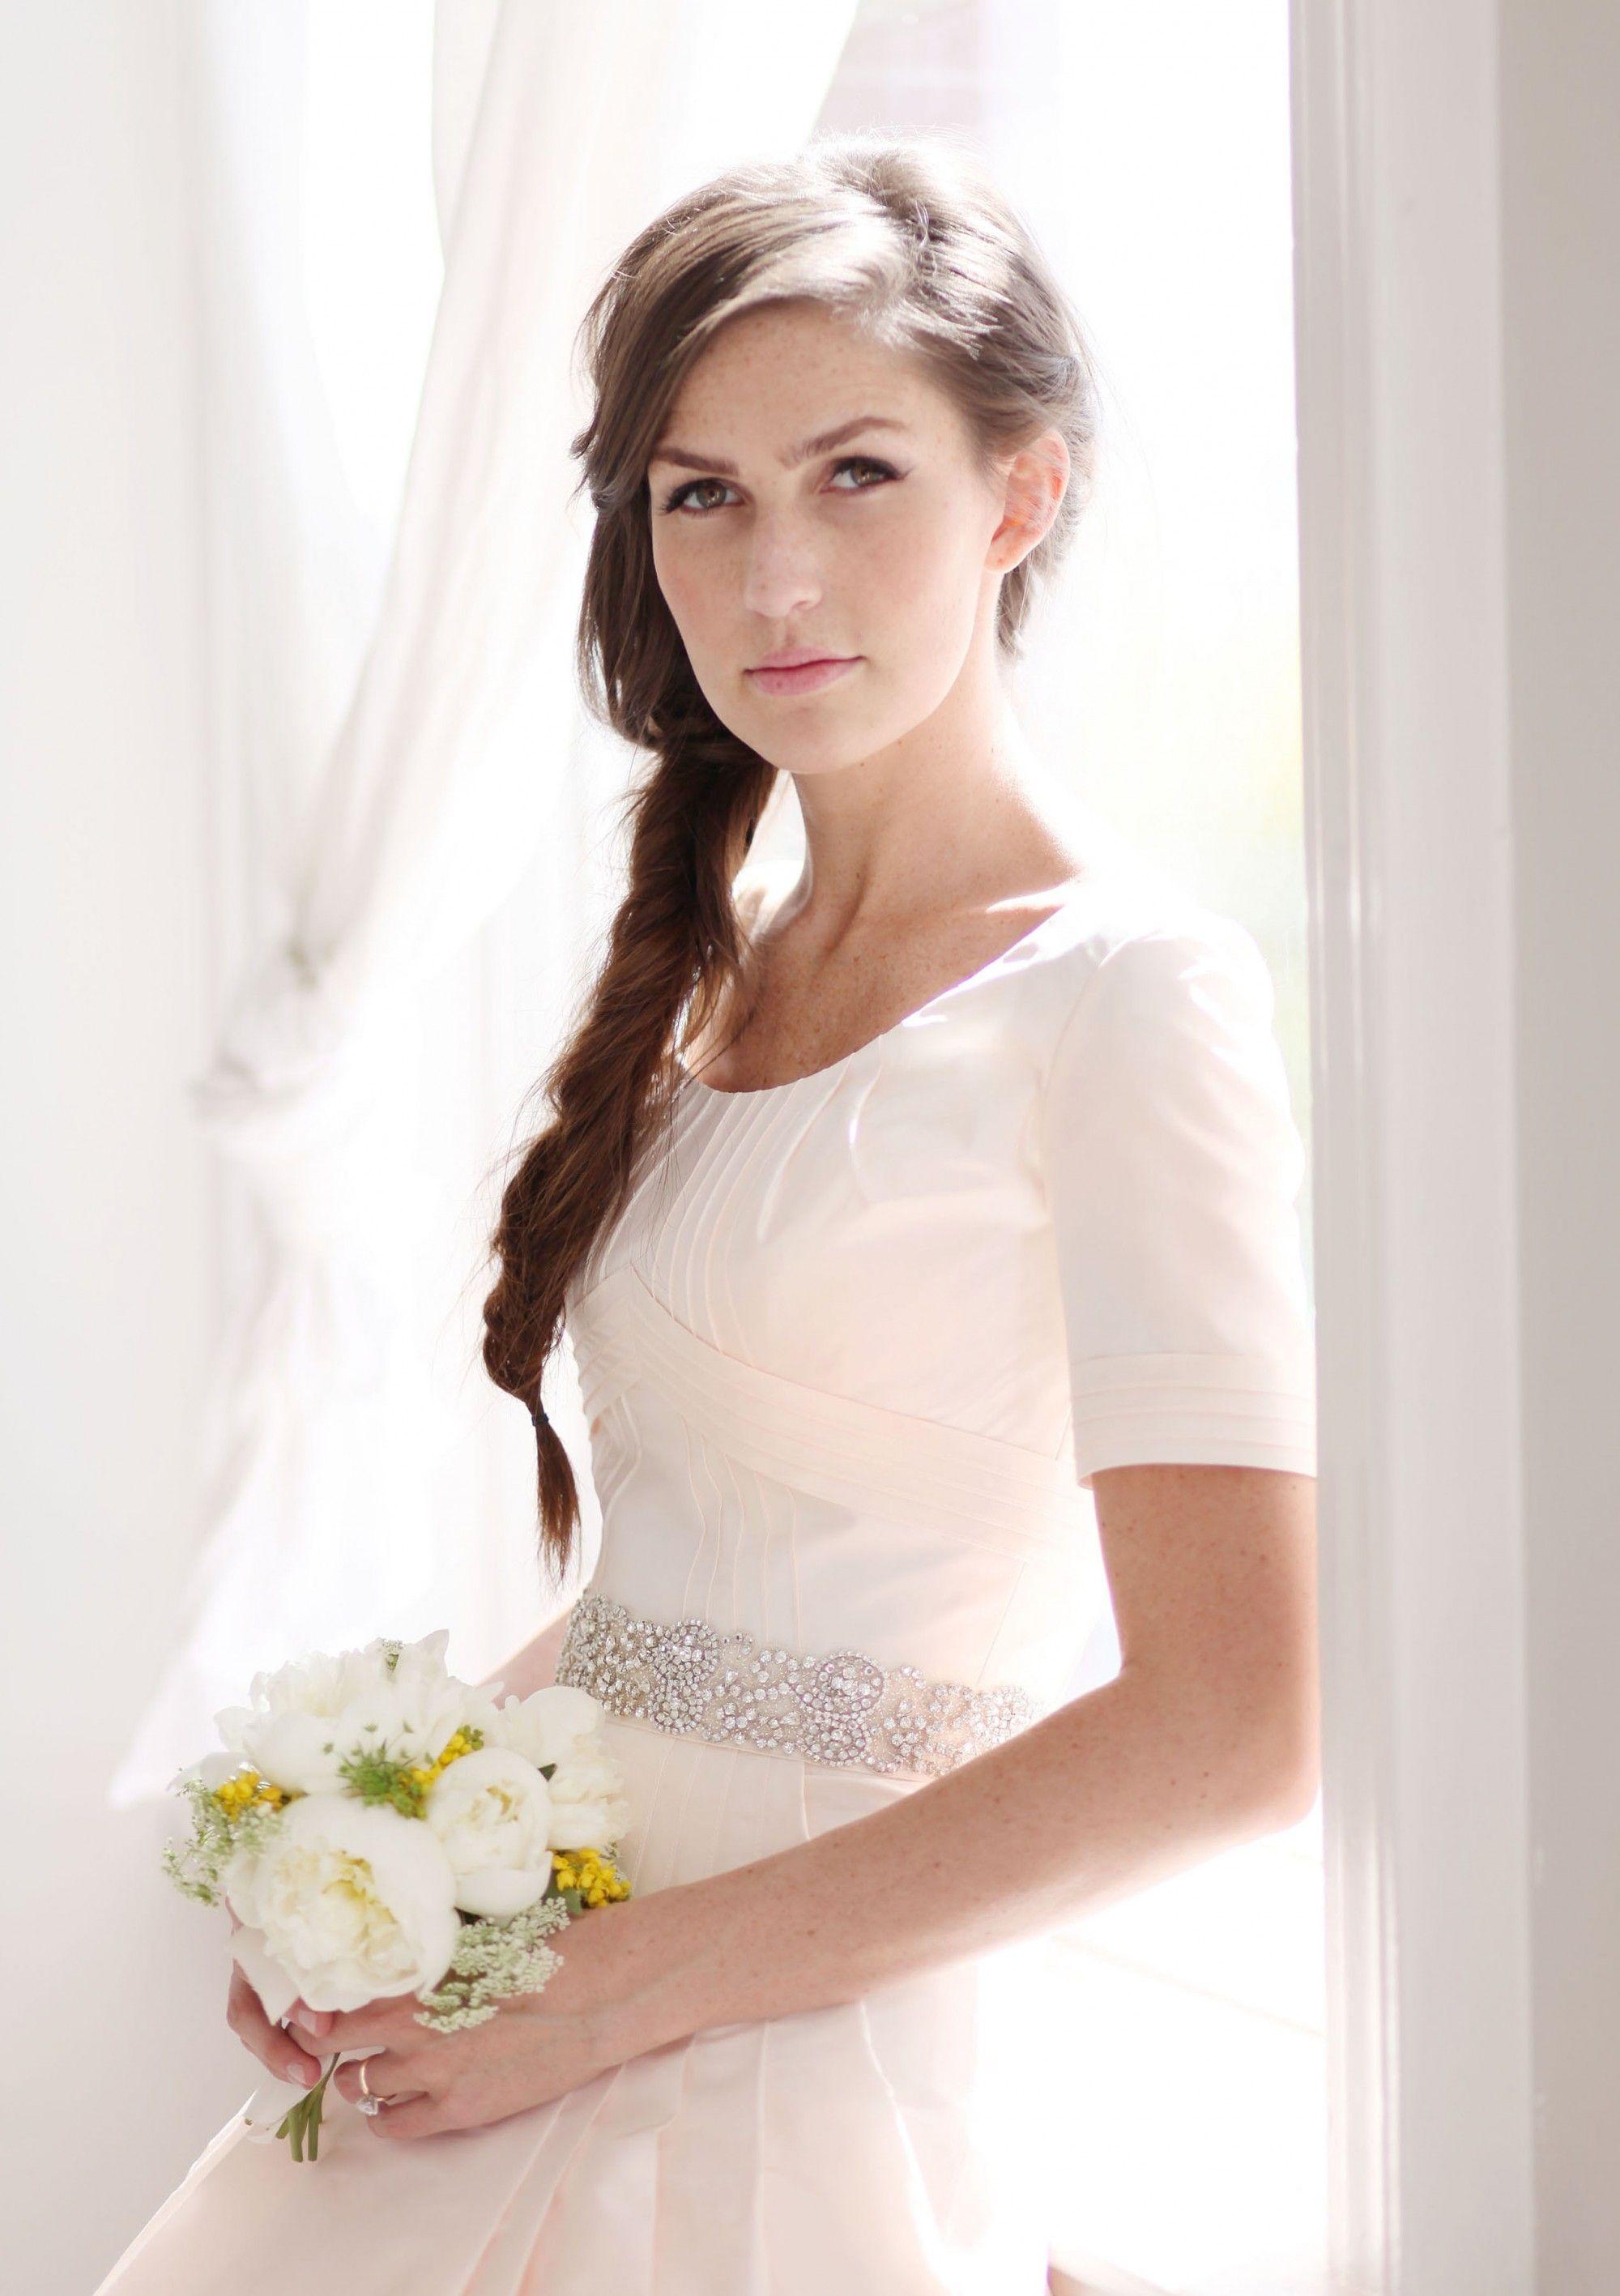 lds wedding dresses modest wedding dresses modest wedding dress anne barge modest wedding dress vintage mansion